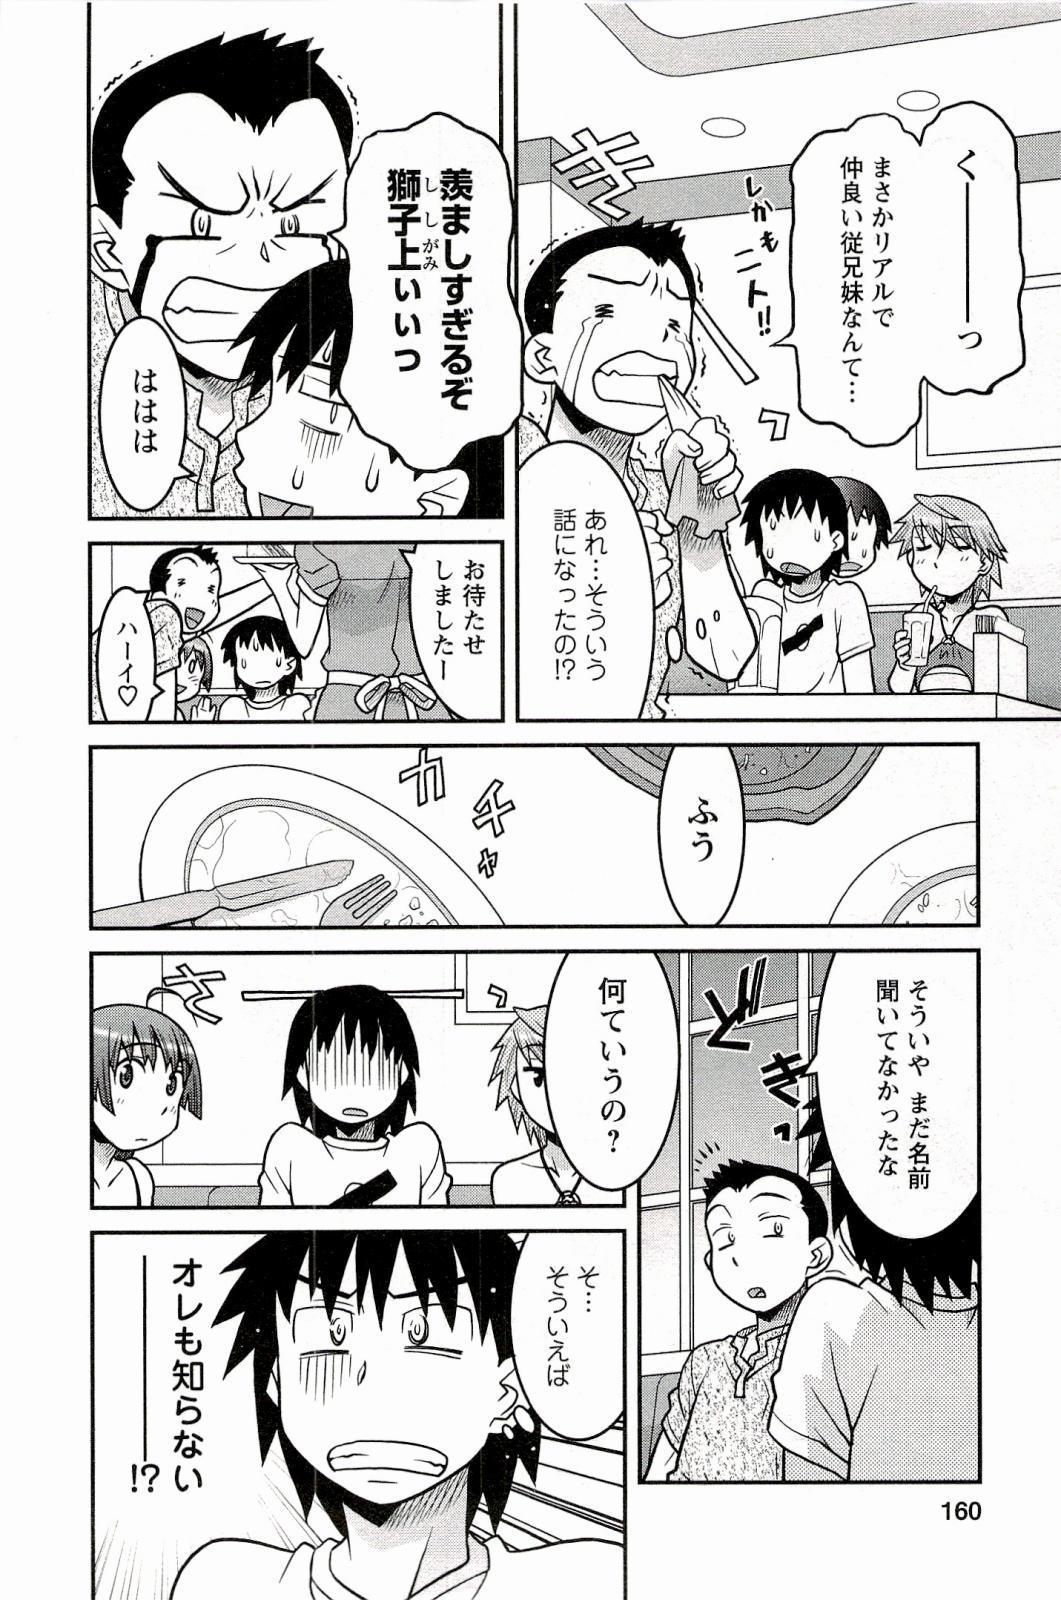 Boku No Kanojo Ga Eroi Wake 1 159